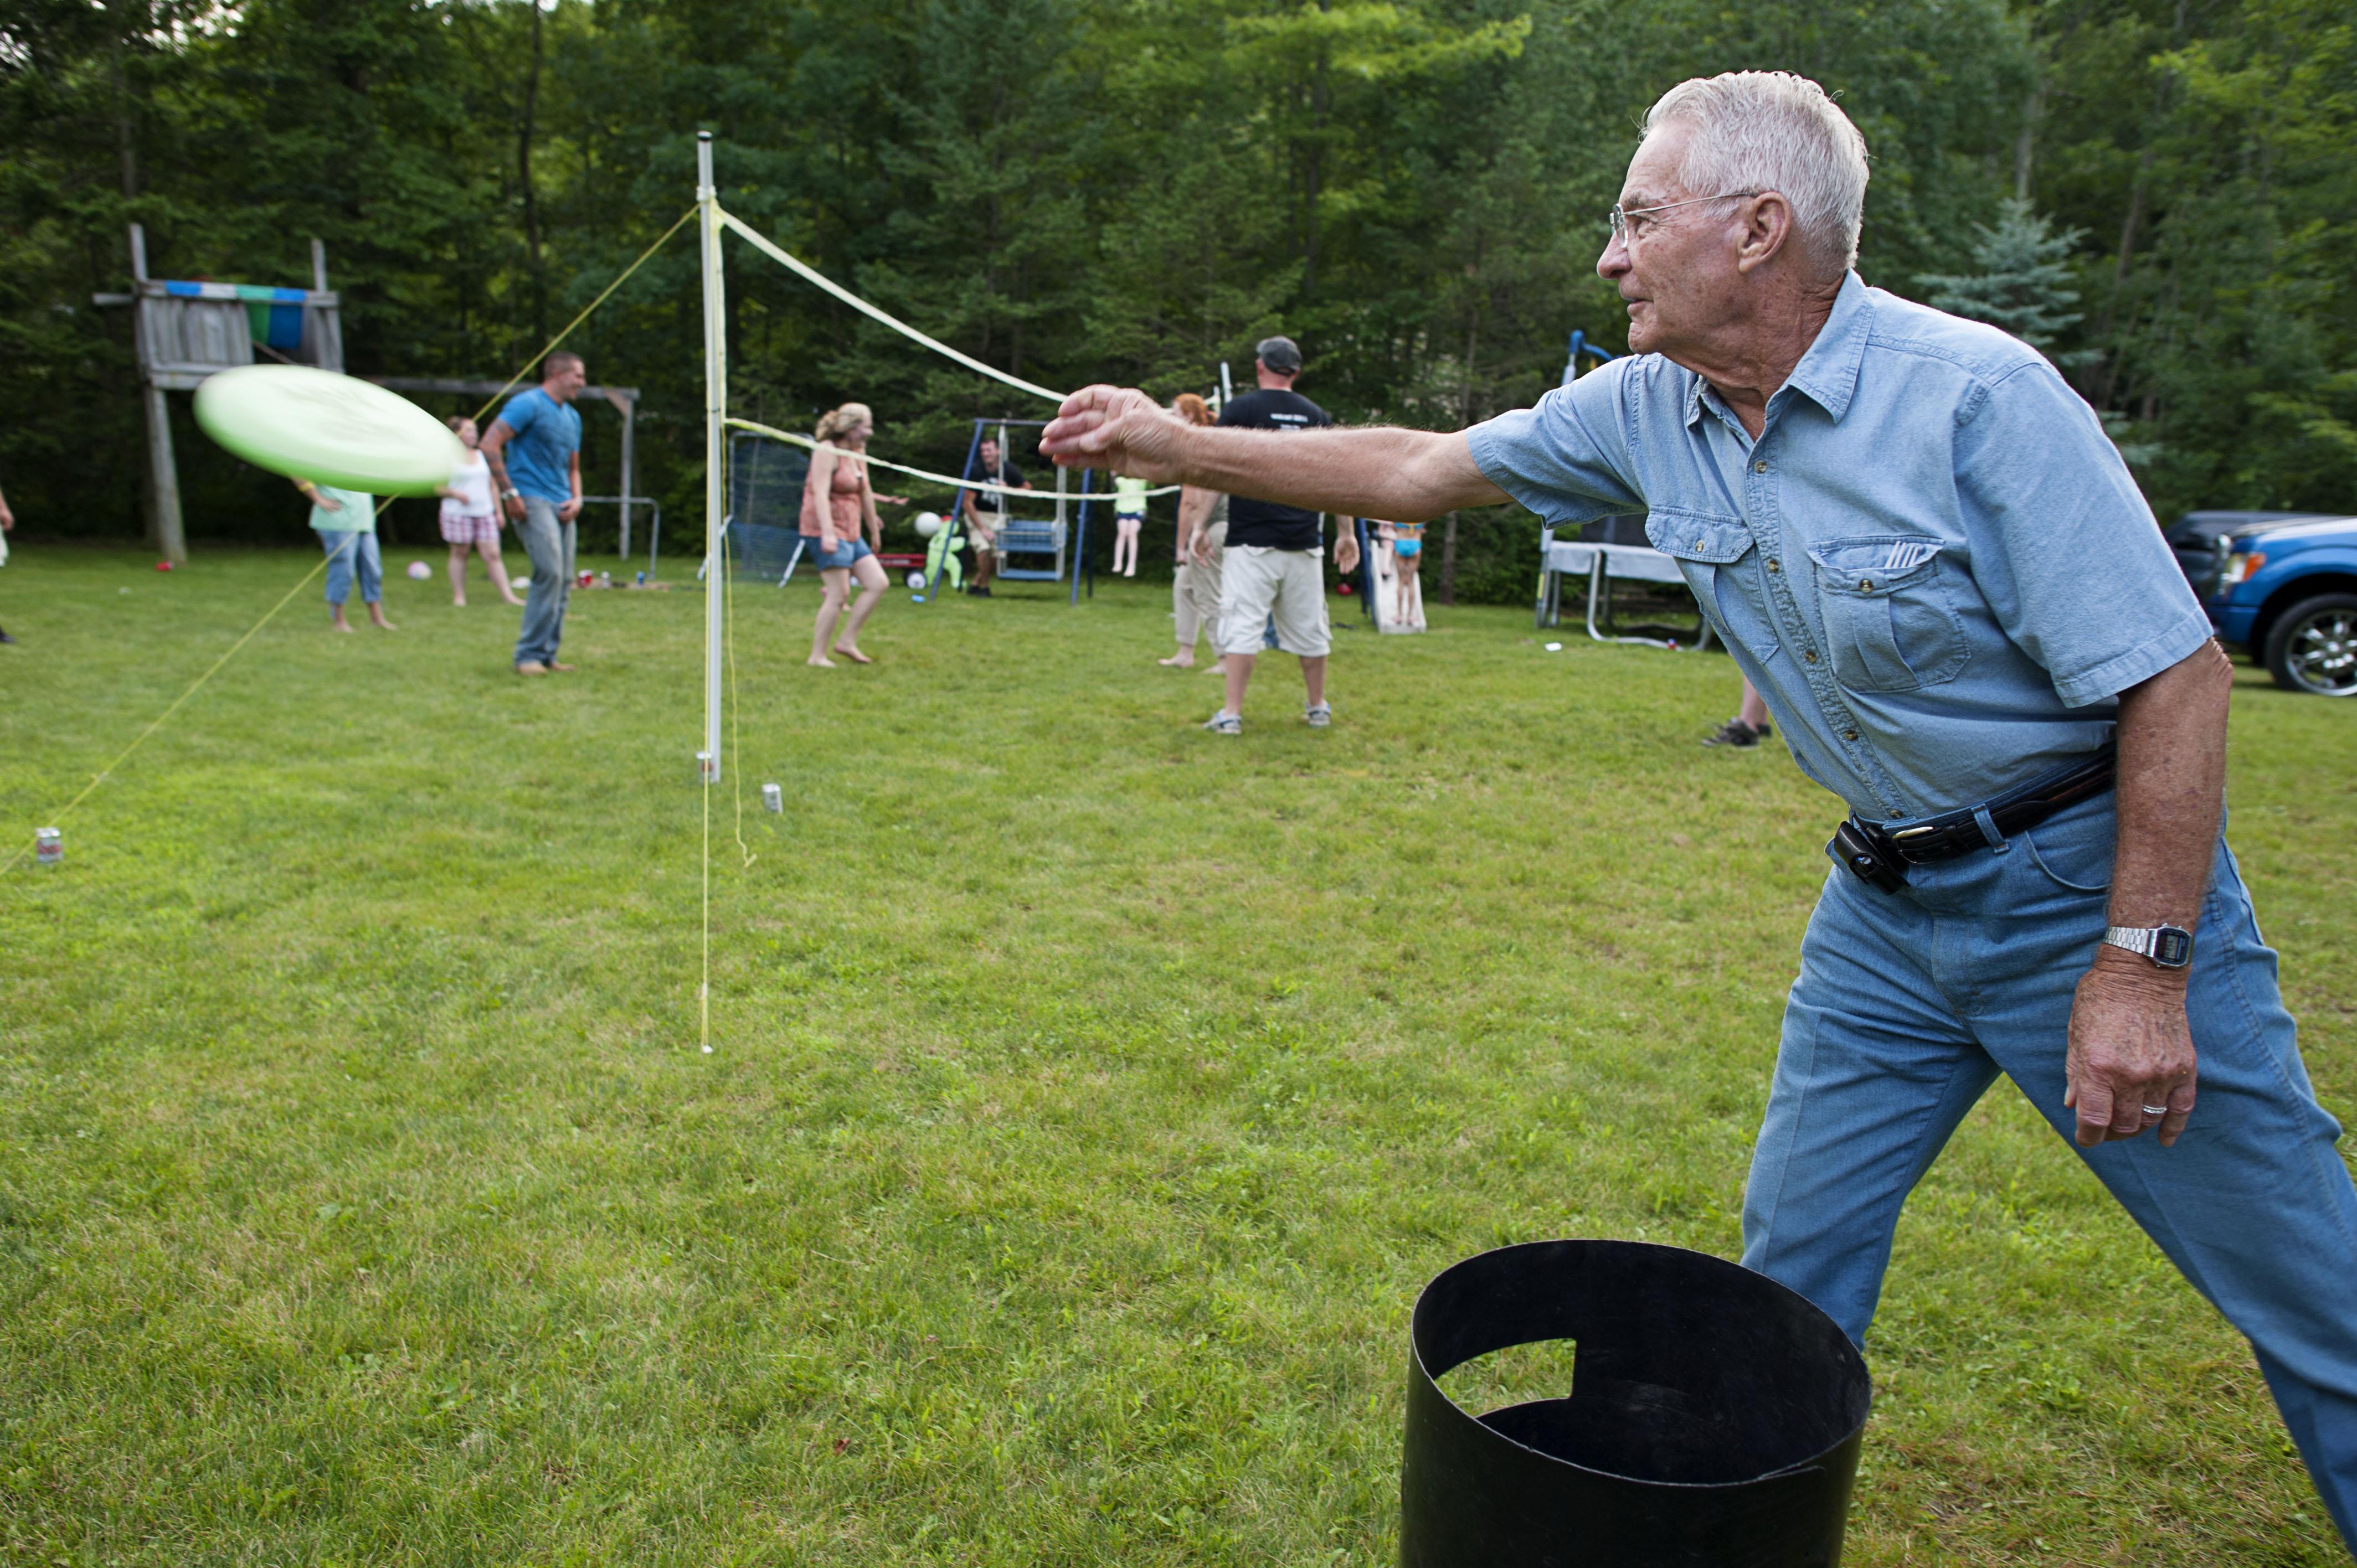 Older man playing frisbee